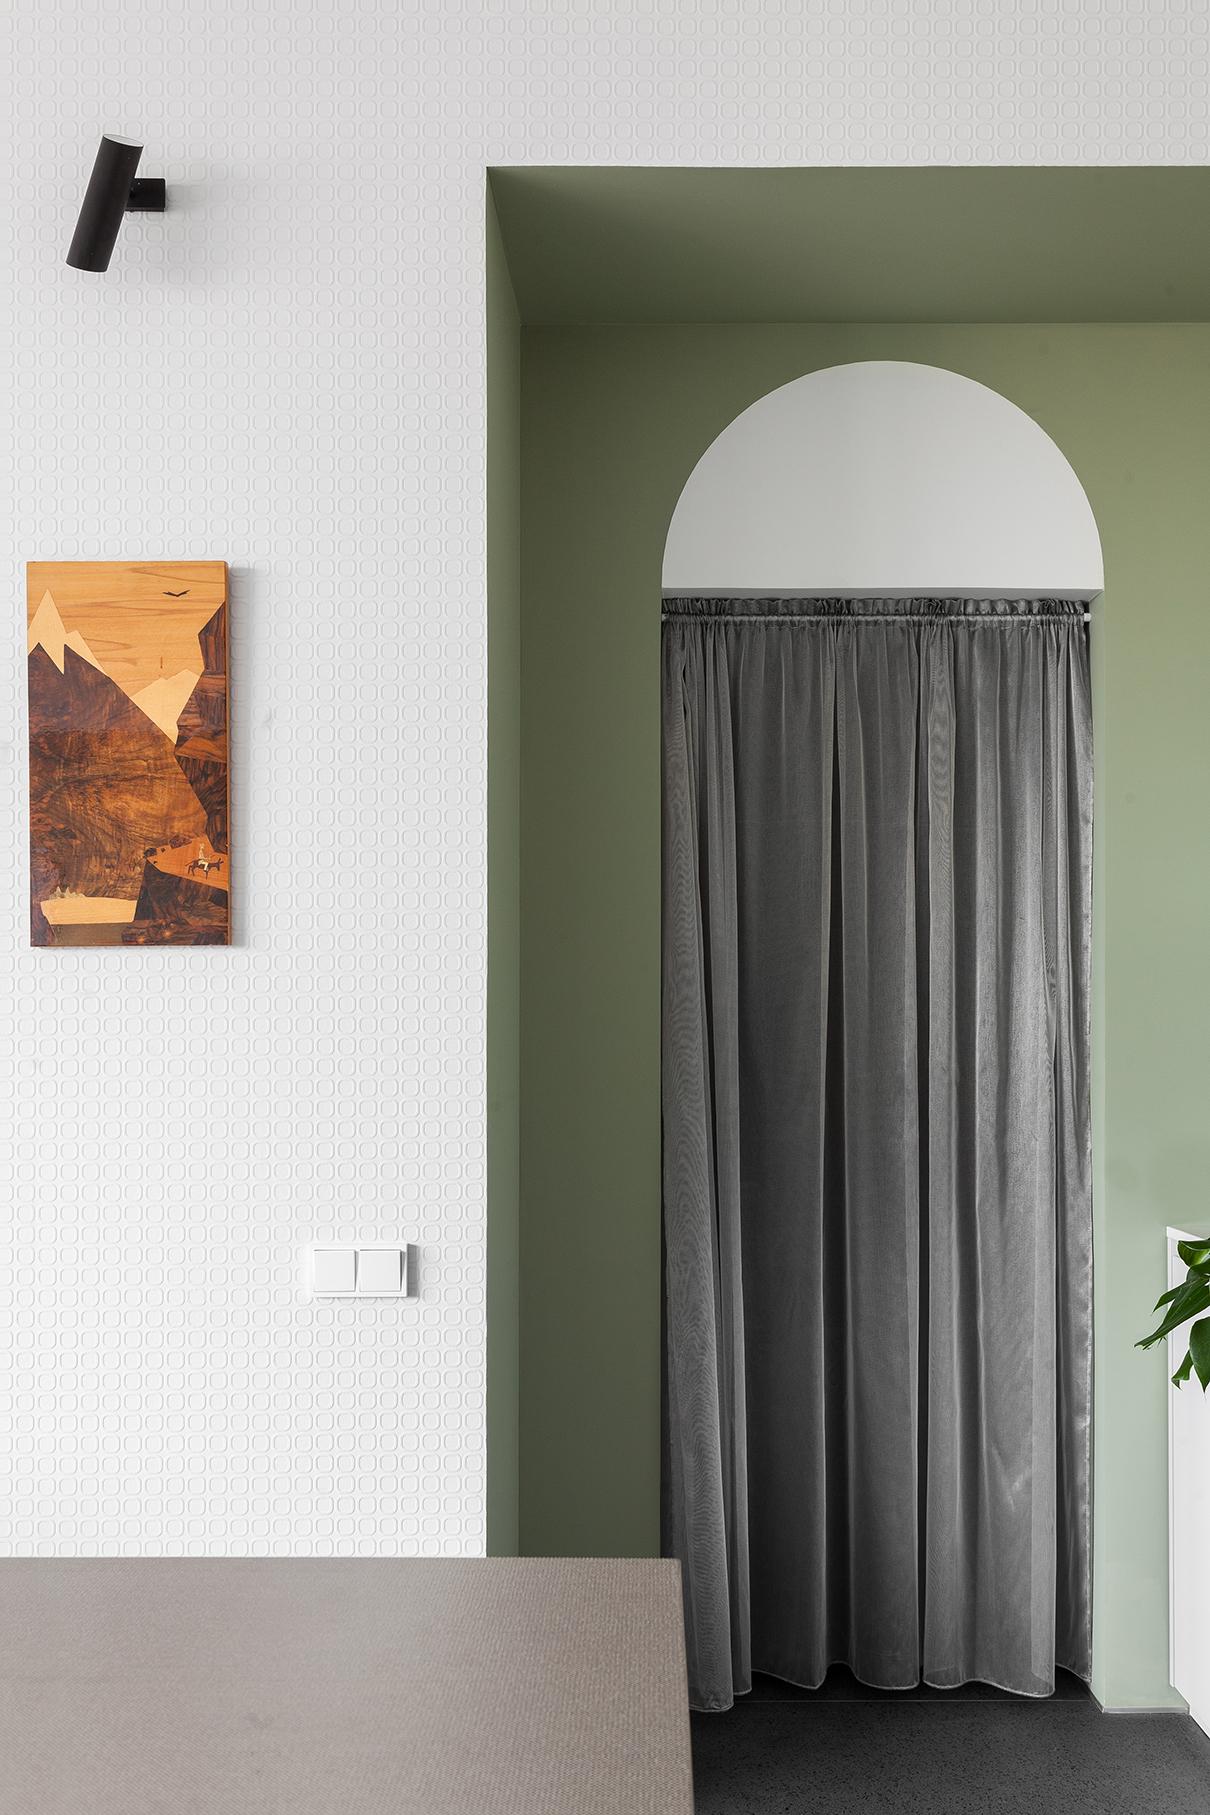 Часть стен в квартире оклеена обоями под покраску с мелким рисунком, напоминающим по форме старые ламповые телевизоры. Картина в технике маркетри на стене— винтажный декор из коллекции DVEKATI. Над ней— бра Faro